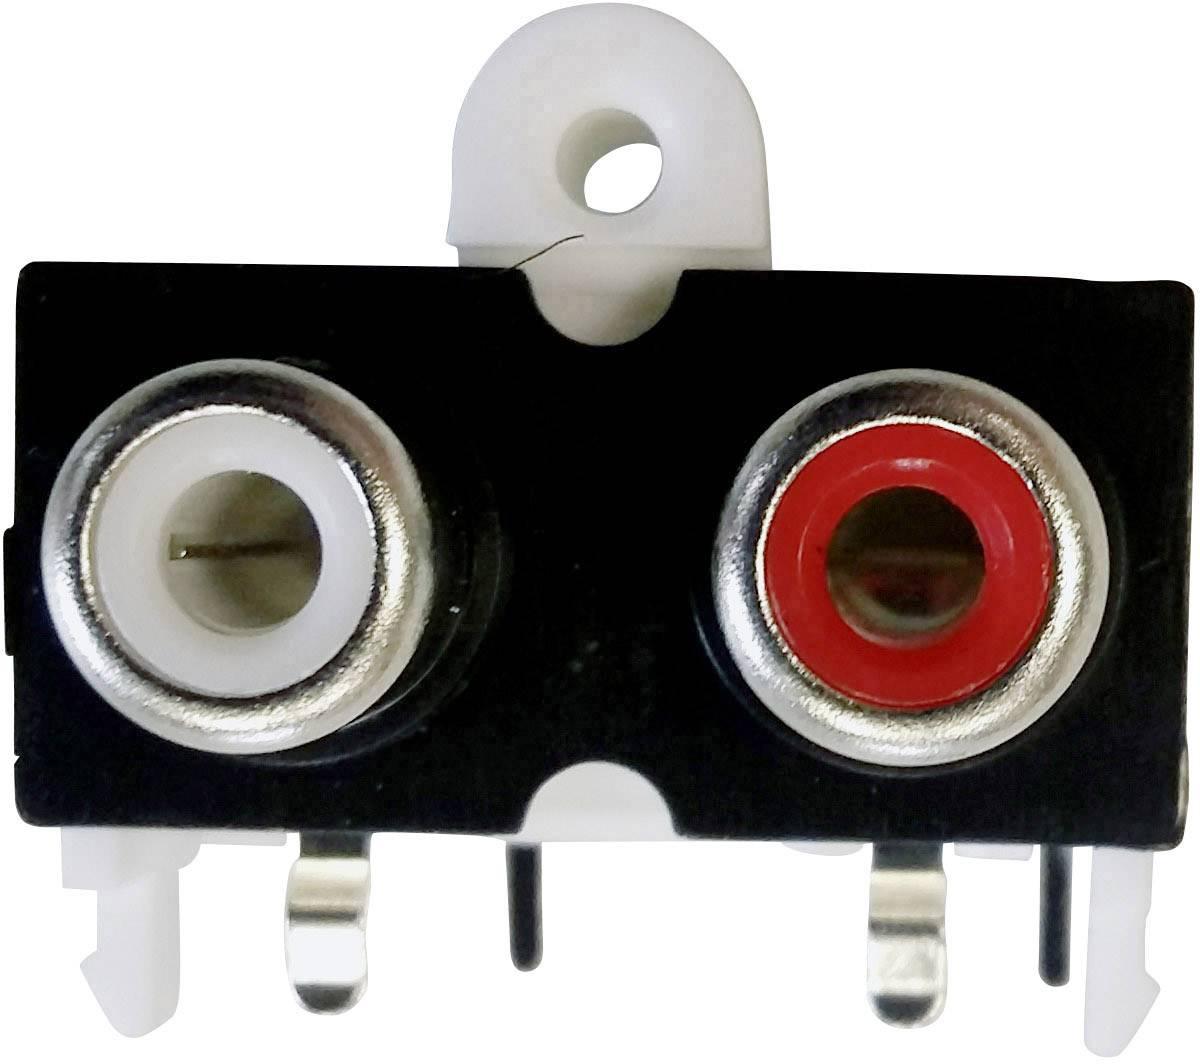 Cinch konektor zásuvka, vstavateľná horizontálna BKL Electronic 72382, počet pinov: 2, zlatá, červená, biela, 1 ks